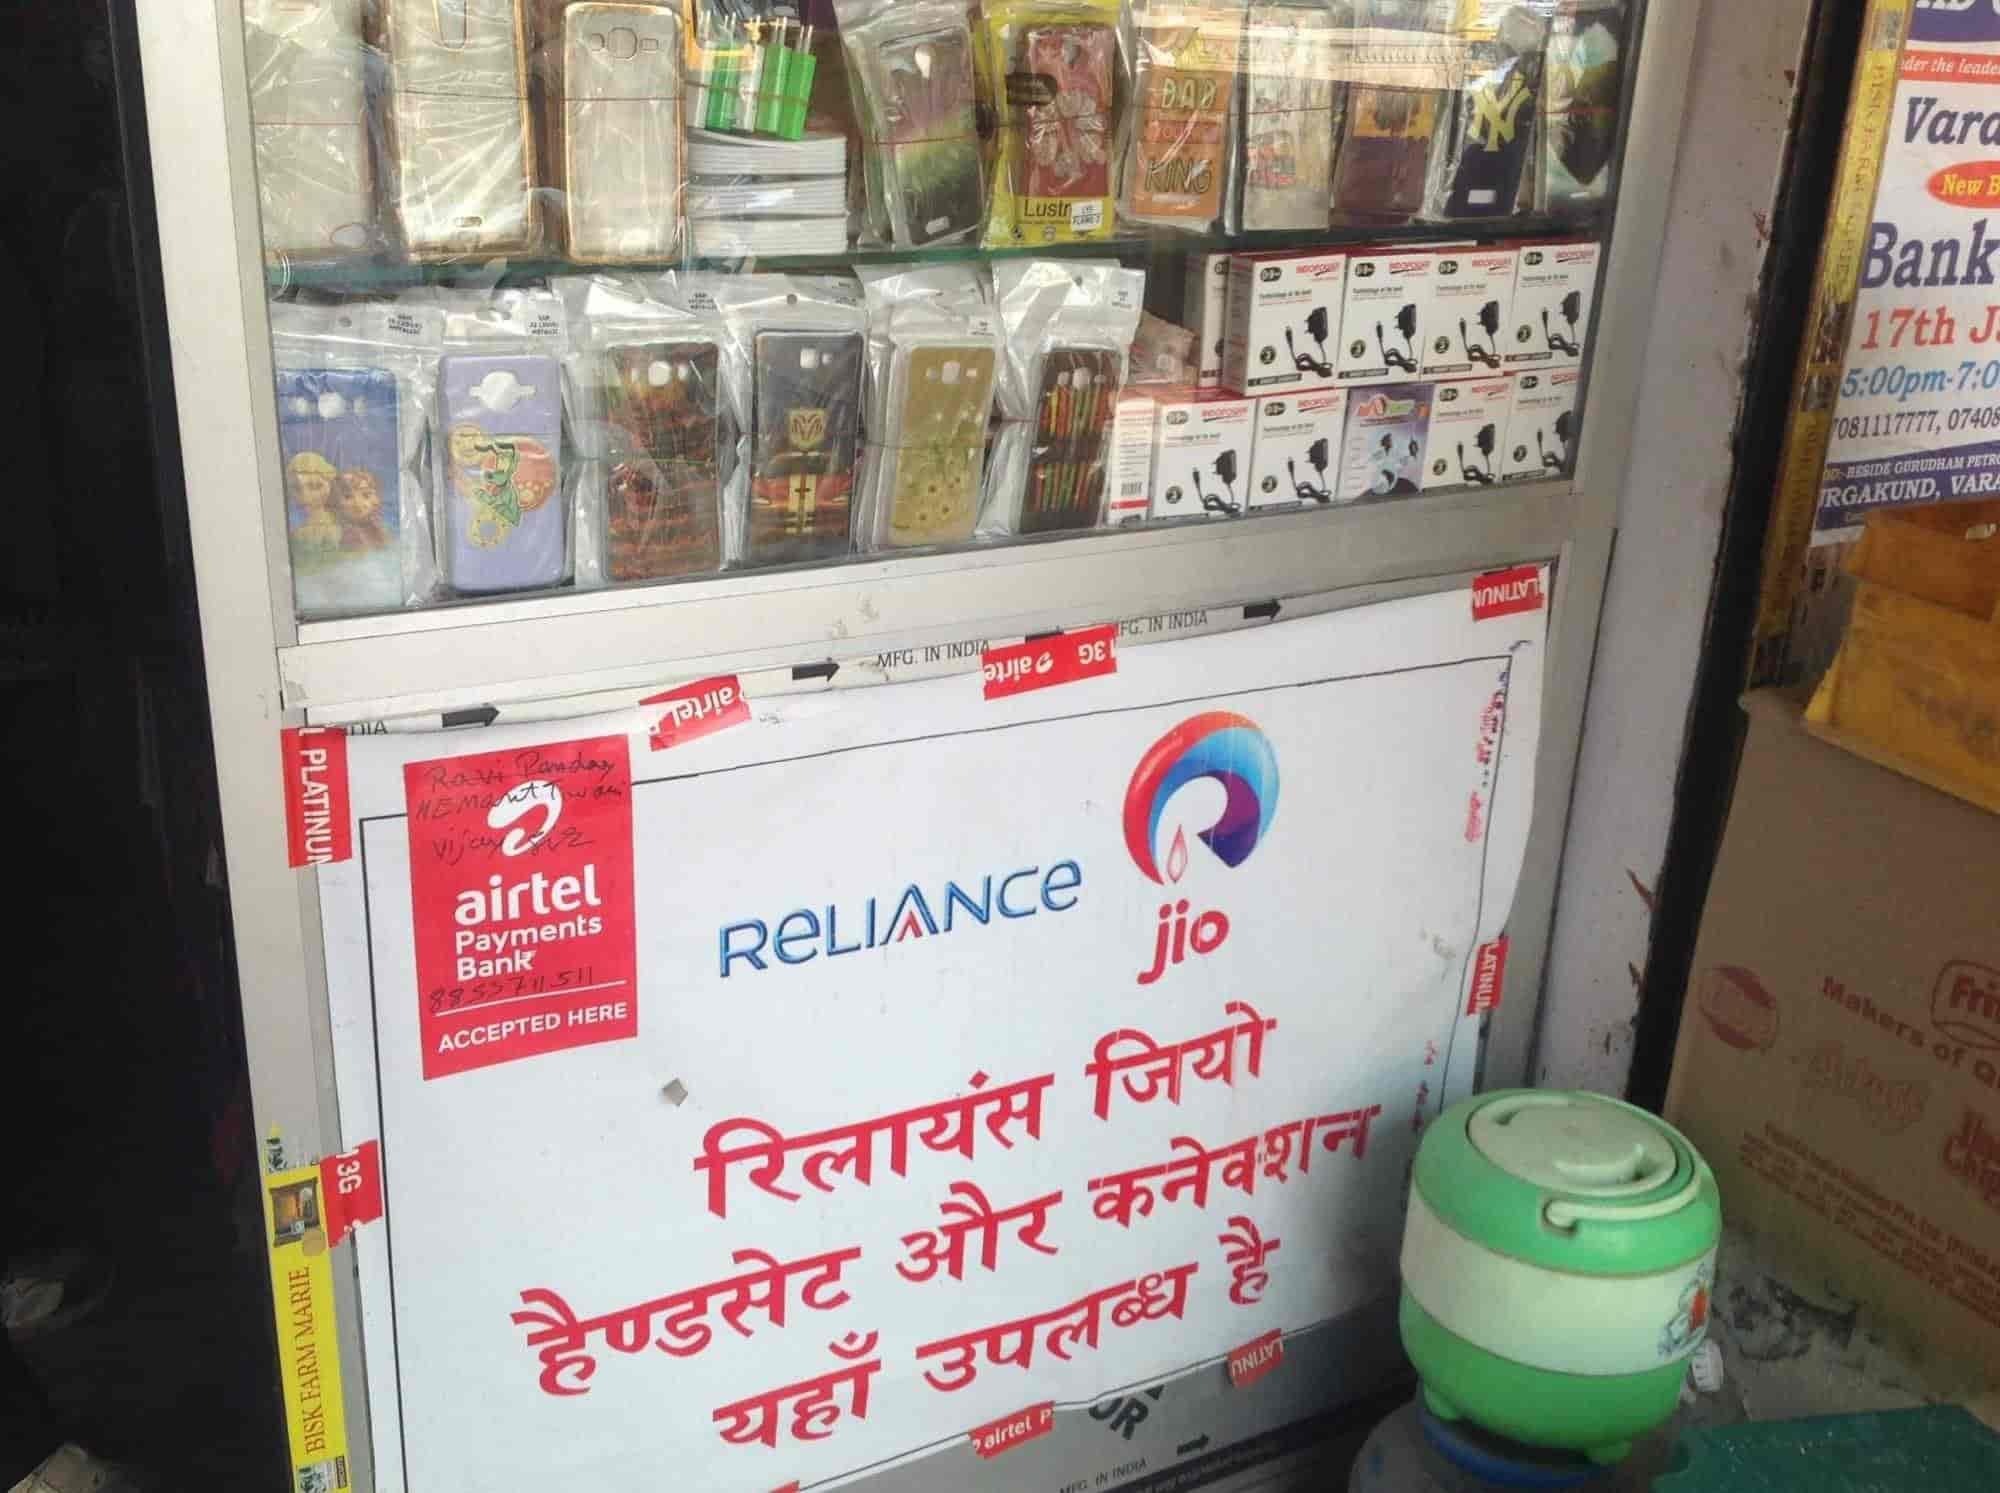 Hardik Communication (Closed Down) in Sigra Road, Varanasi